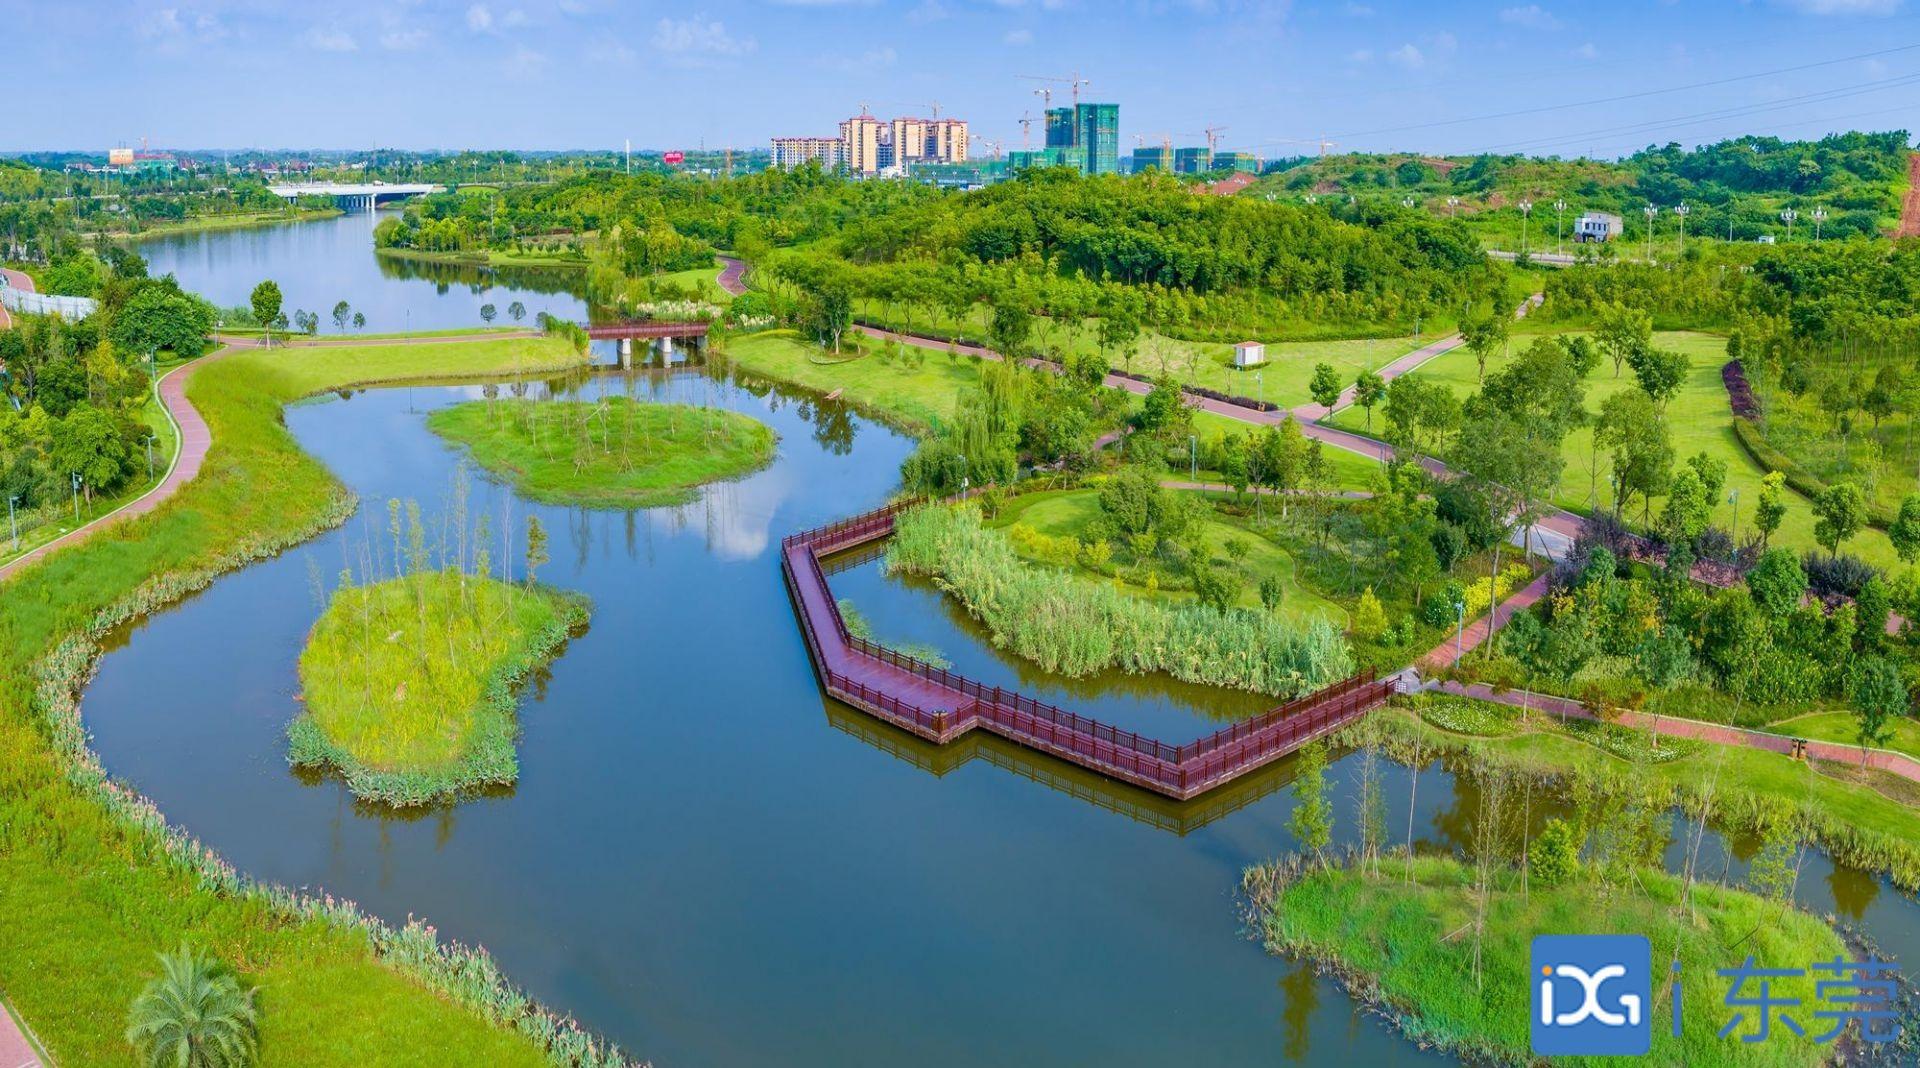 [i东莞]2019年中国风景园林学会科技奖揭晓 莞企raybet欧洲雷竞技app用不了斩获五个奖项